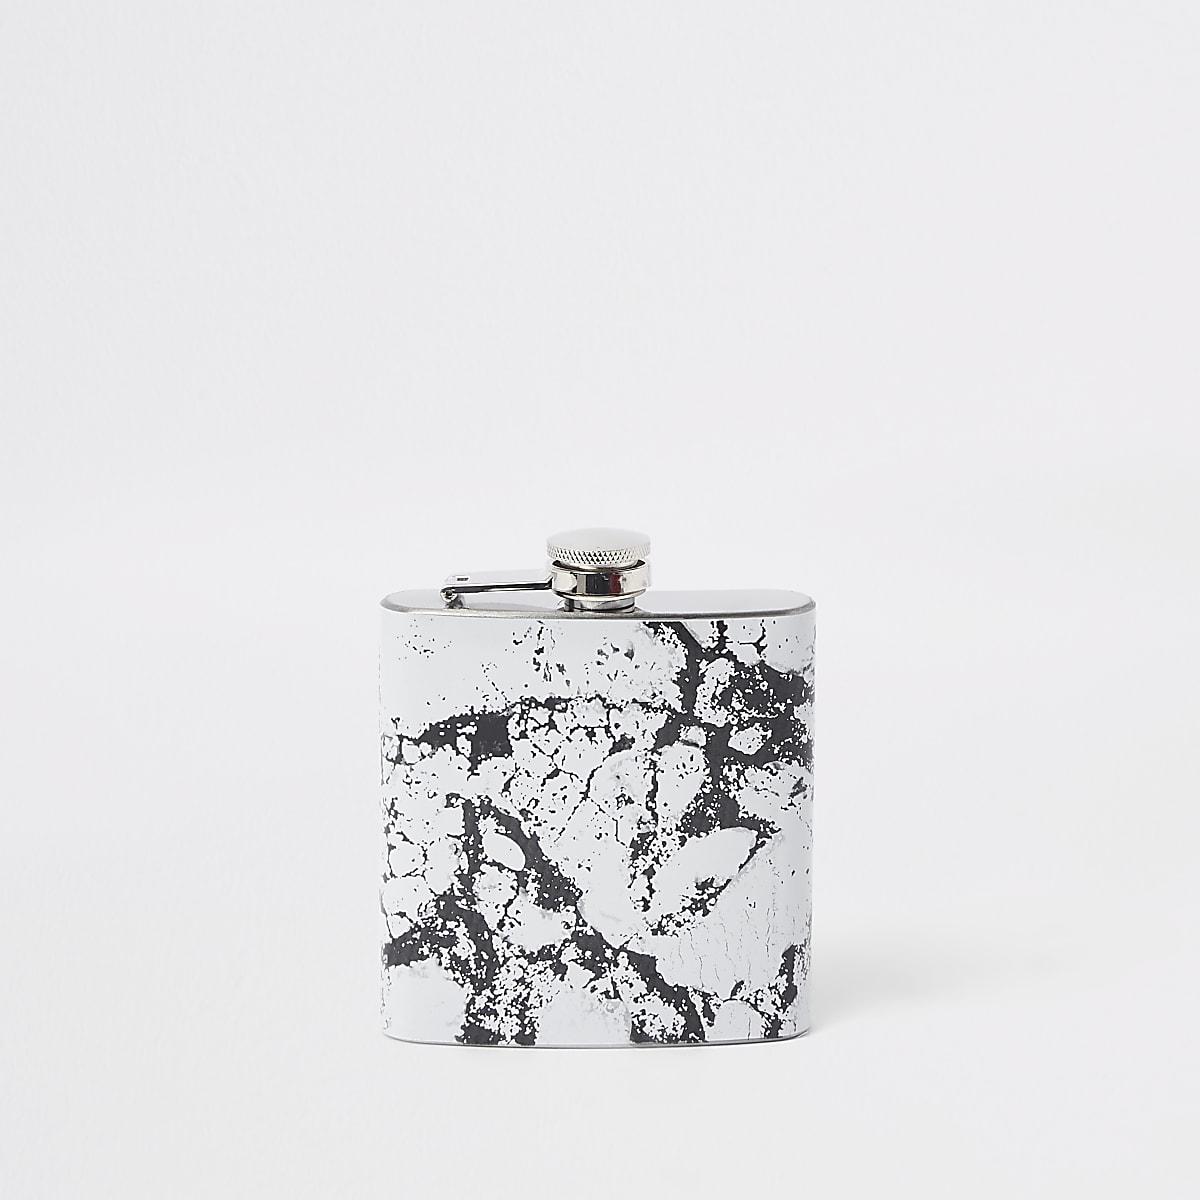 Flasque imprimé marbré noire